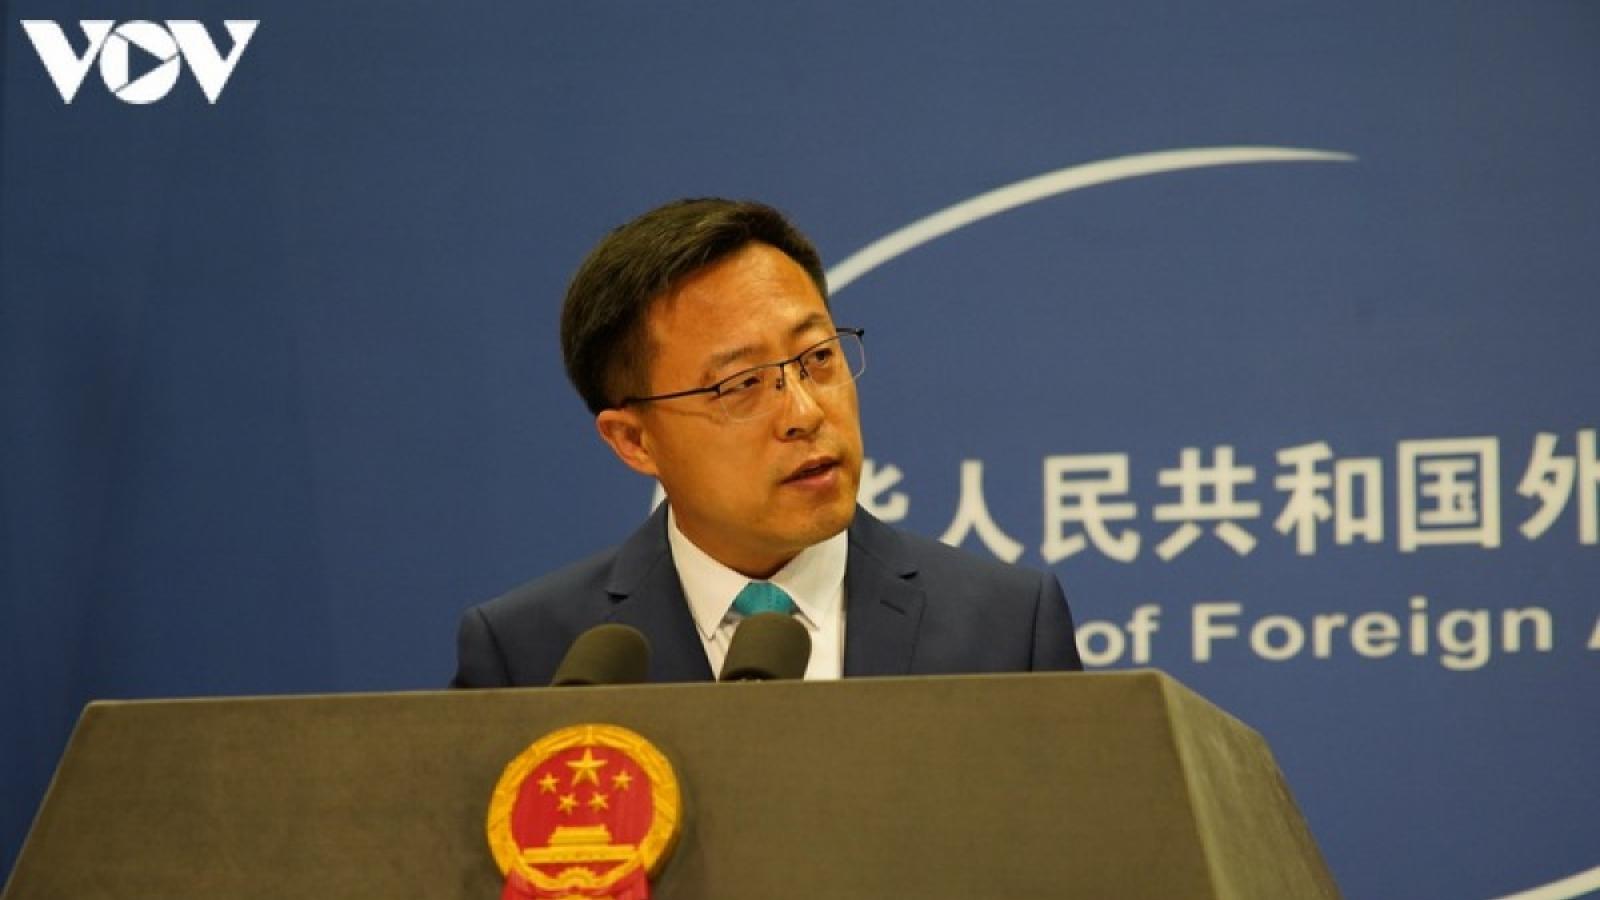 Trung Quốc tức giận việc Mỹ dỡ bỏ hạn chế trong quan hệ với Đài Loan